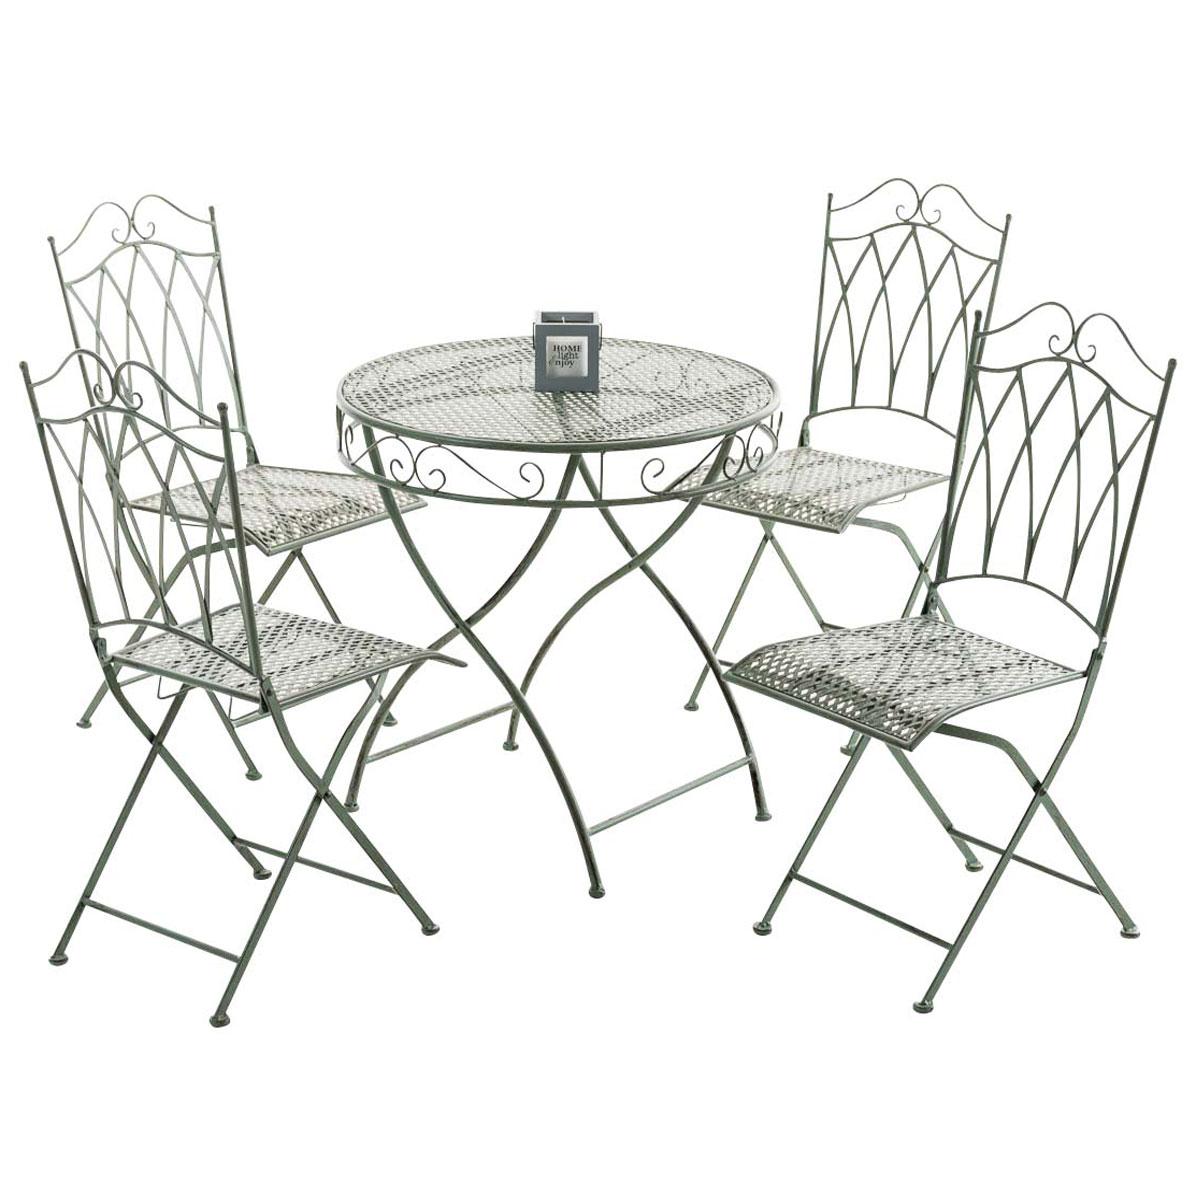 sitzgruppe lunis xxl eisen gartenm bel metall gartenset. Black Bedroom Furniture Sets. Home Design Ideas